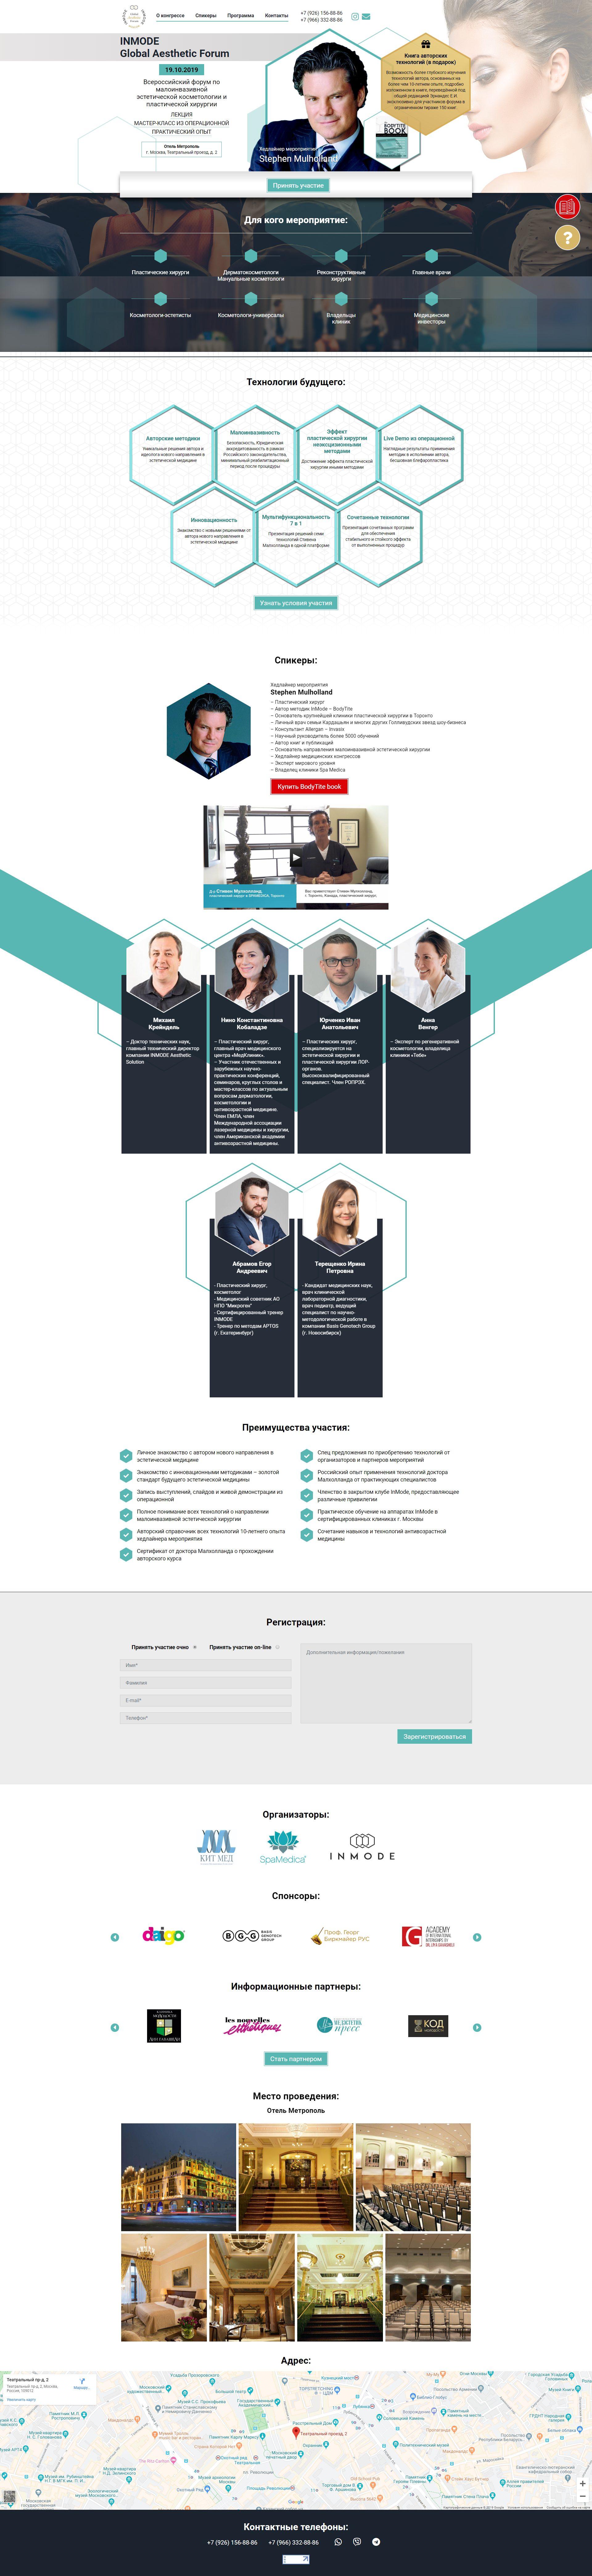 Создание лендинг страницы для конгресса портфолио